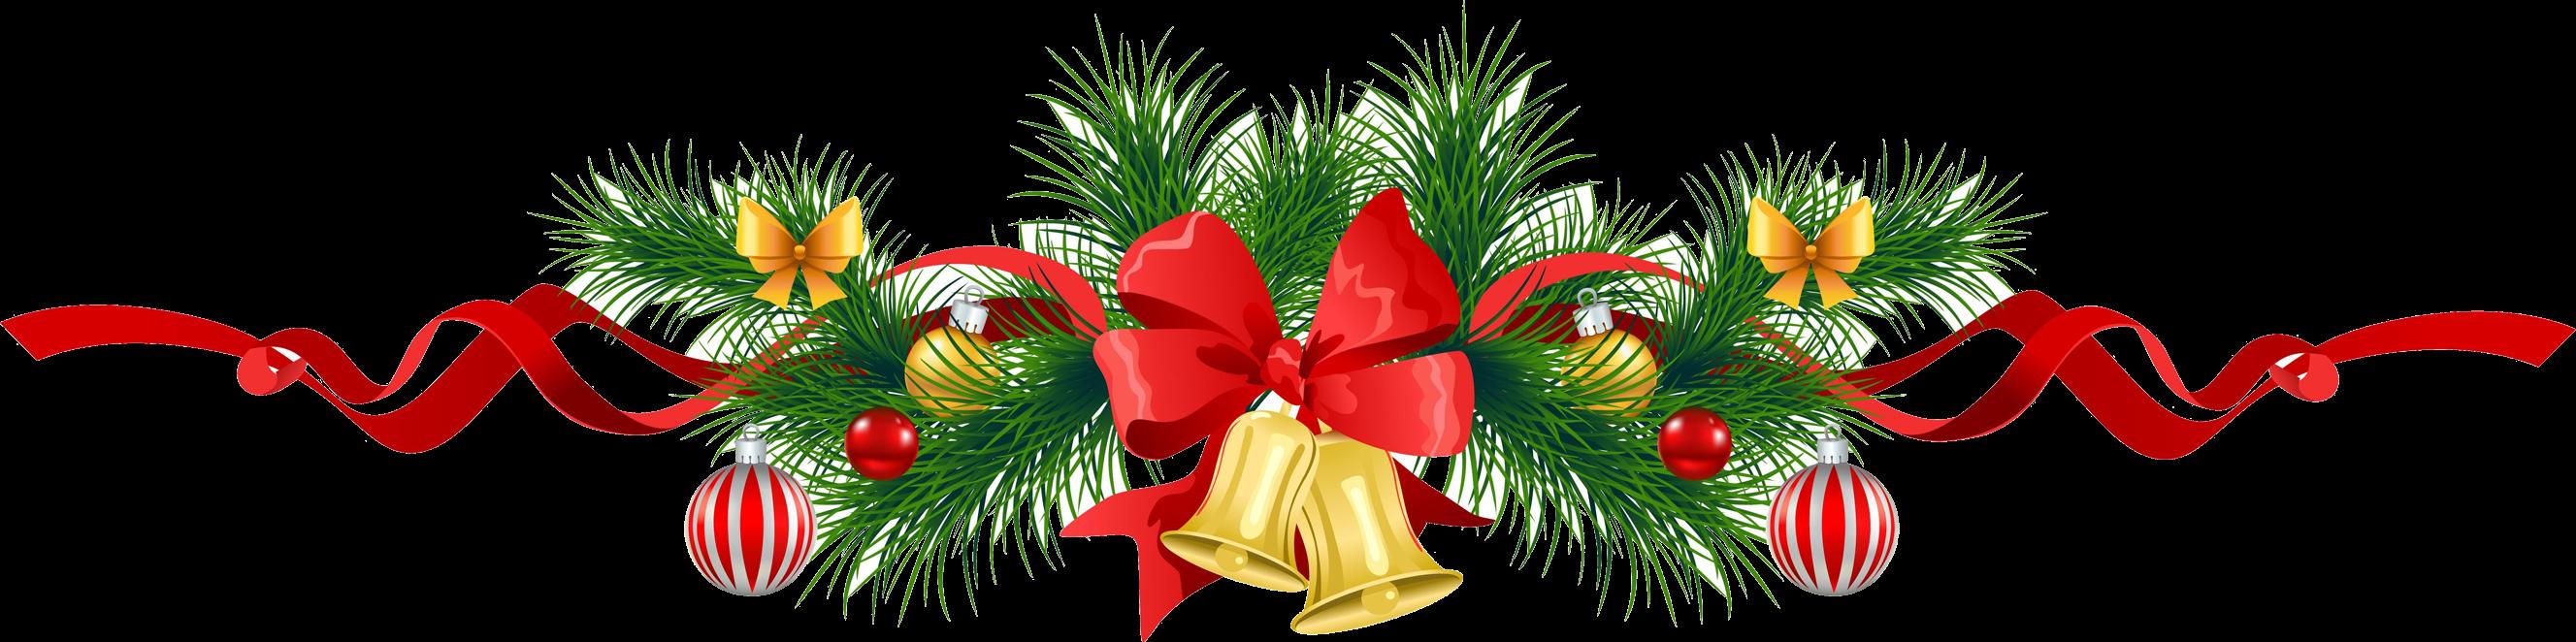 kisspng-borders-and-frames-christmas-garland-santa-claus-c-2018-5abb0cc79b3472.0463656615222079436357.png